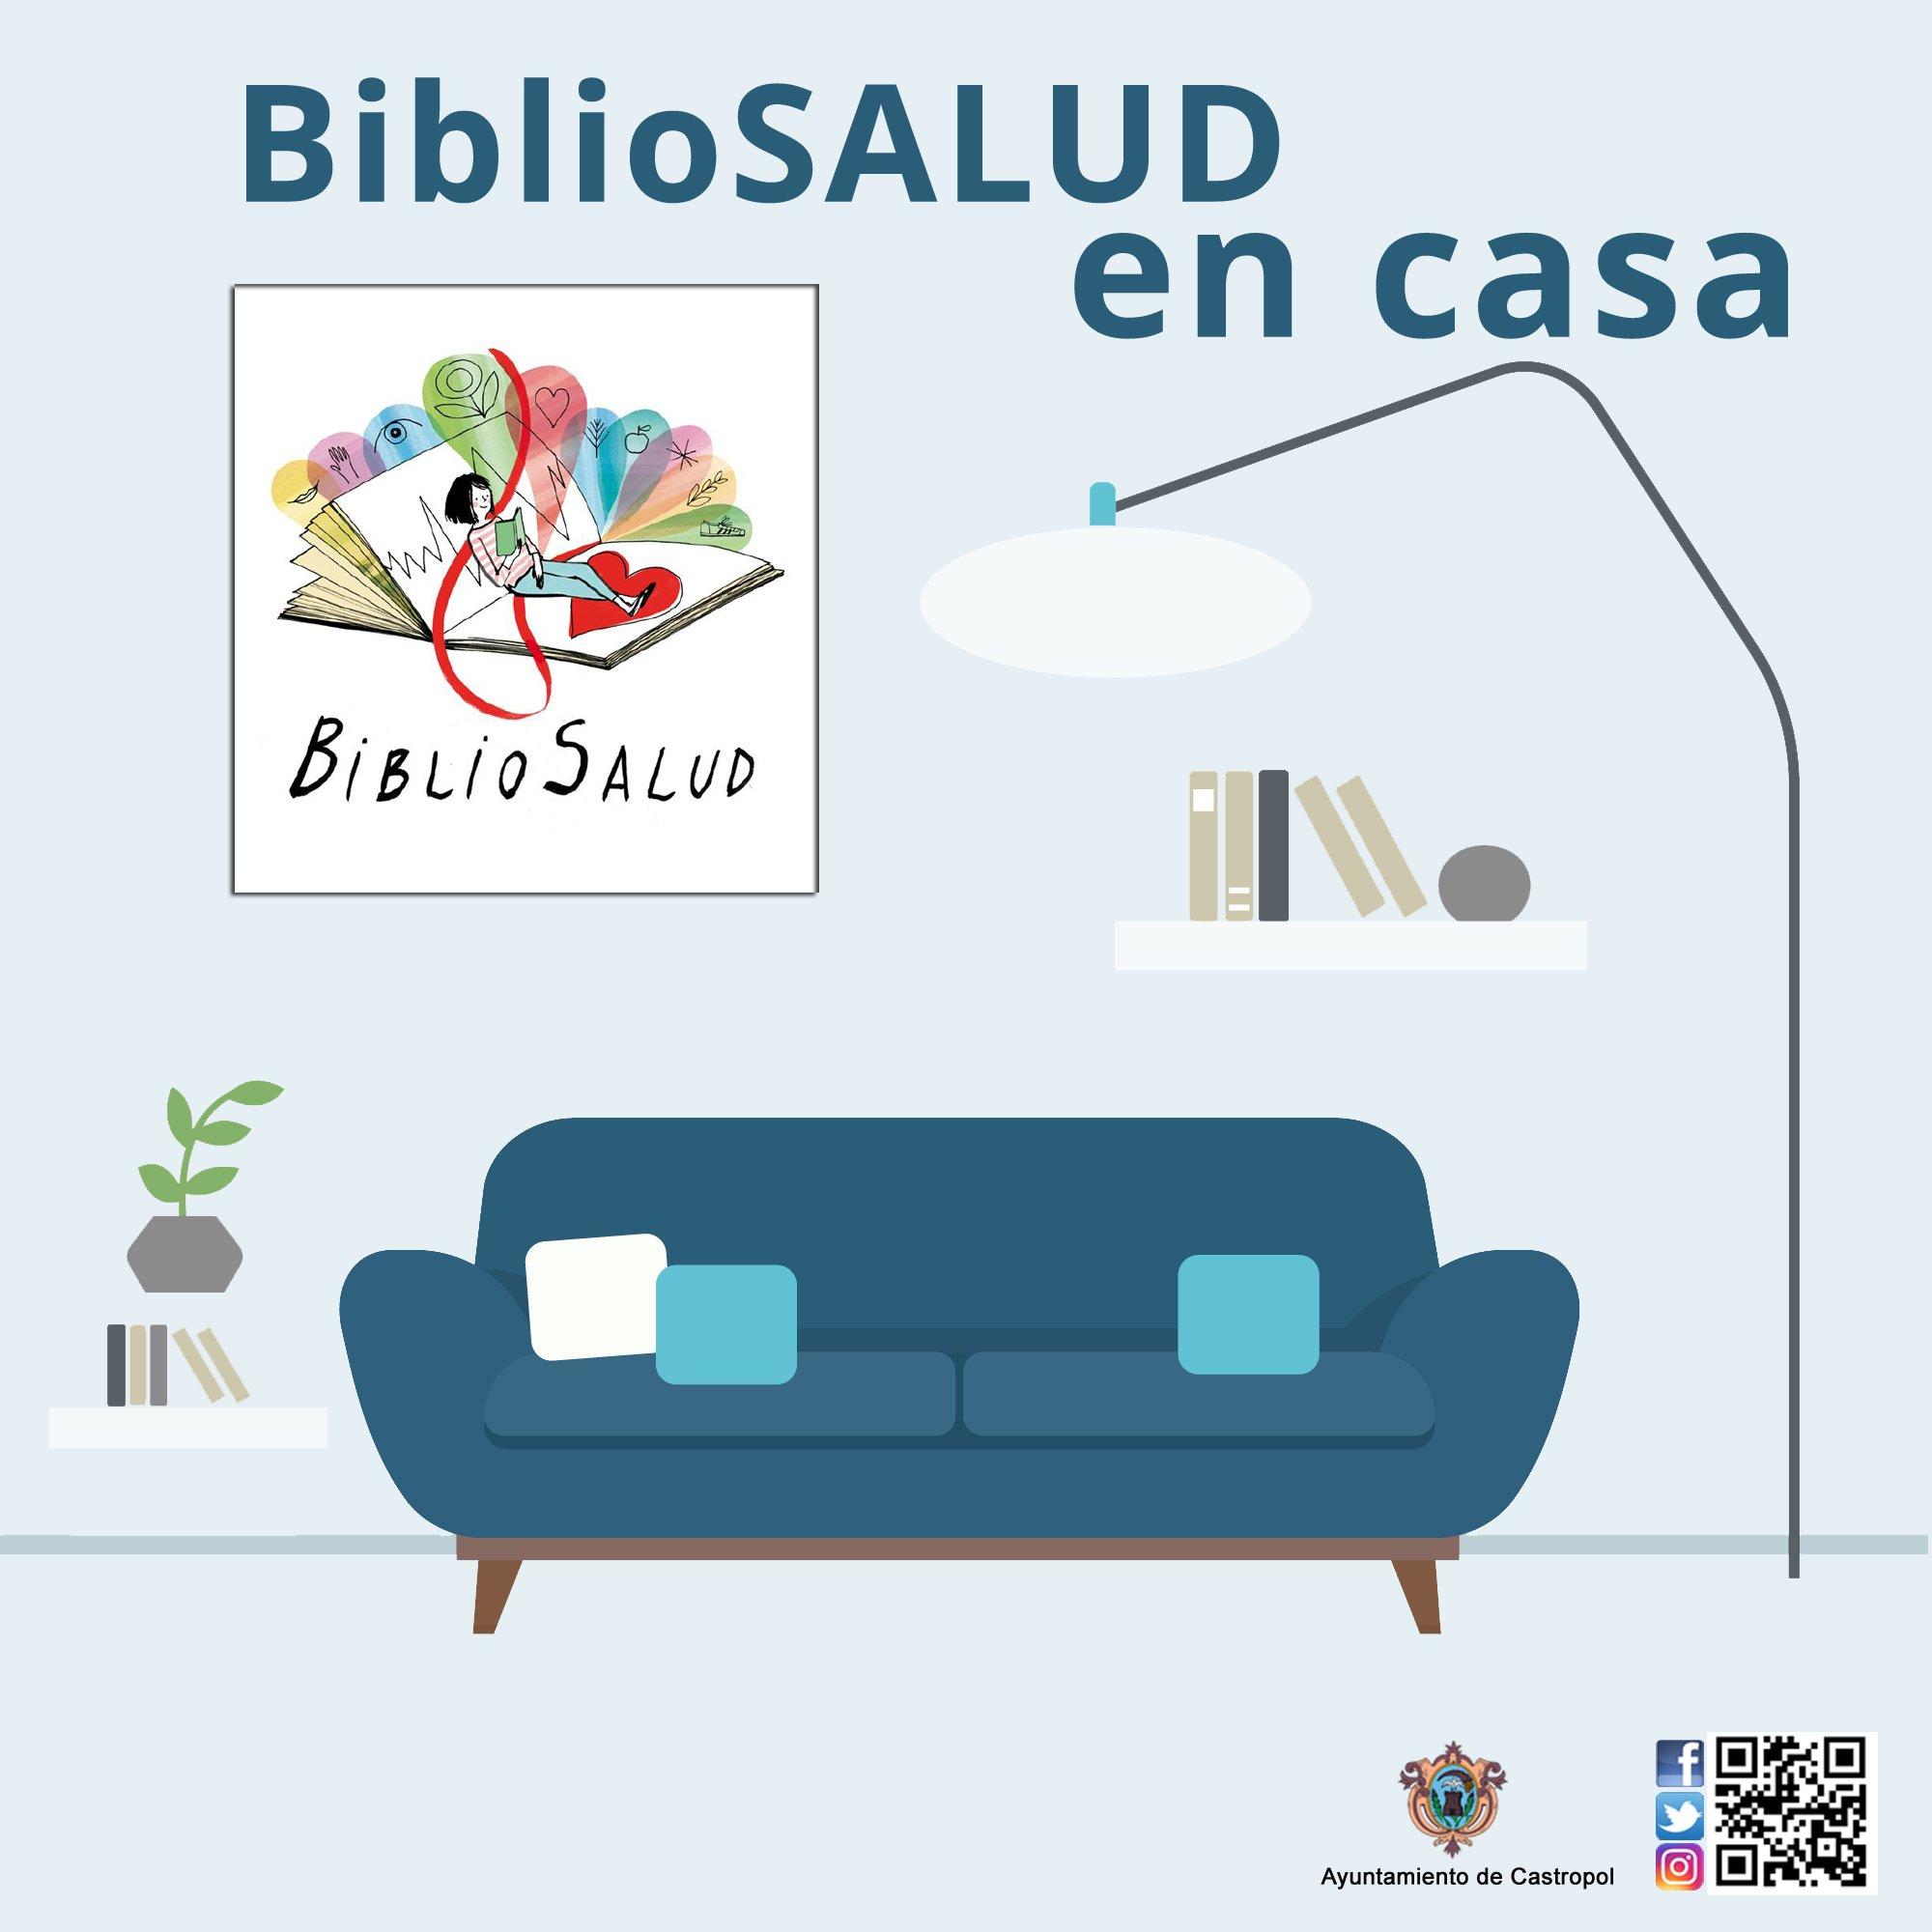 BiblioSALUD en Casa en Castropol